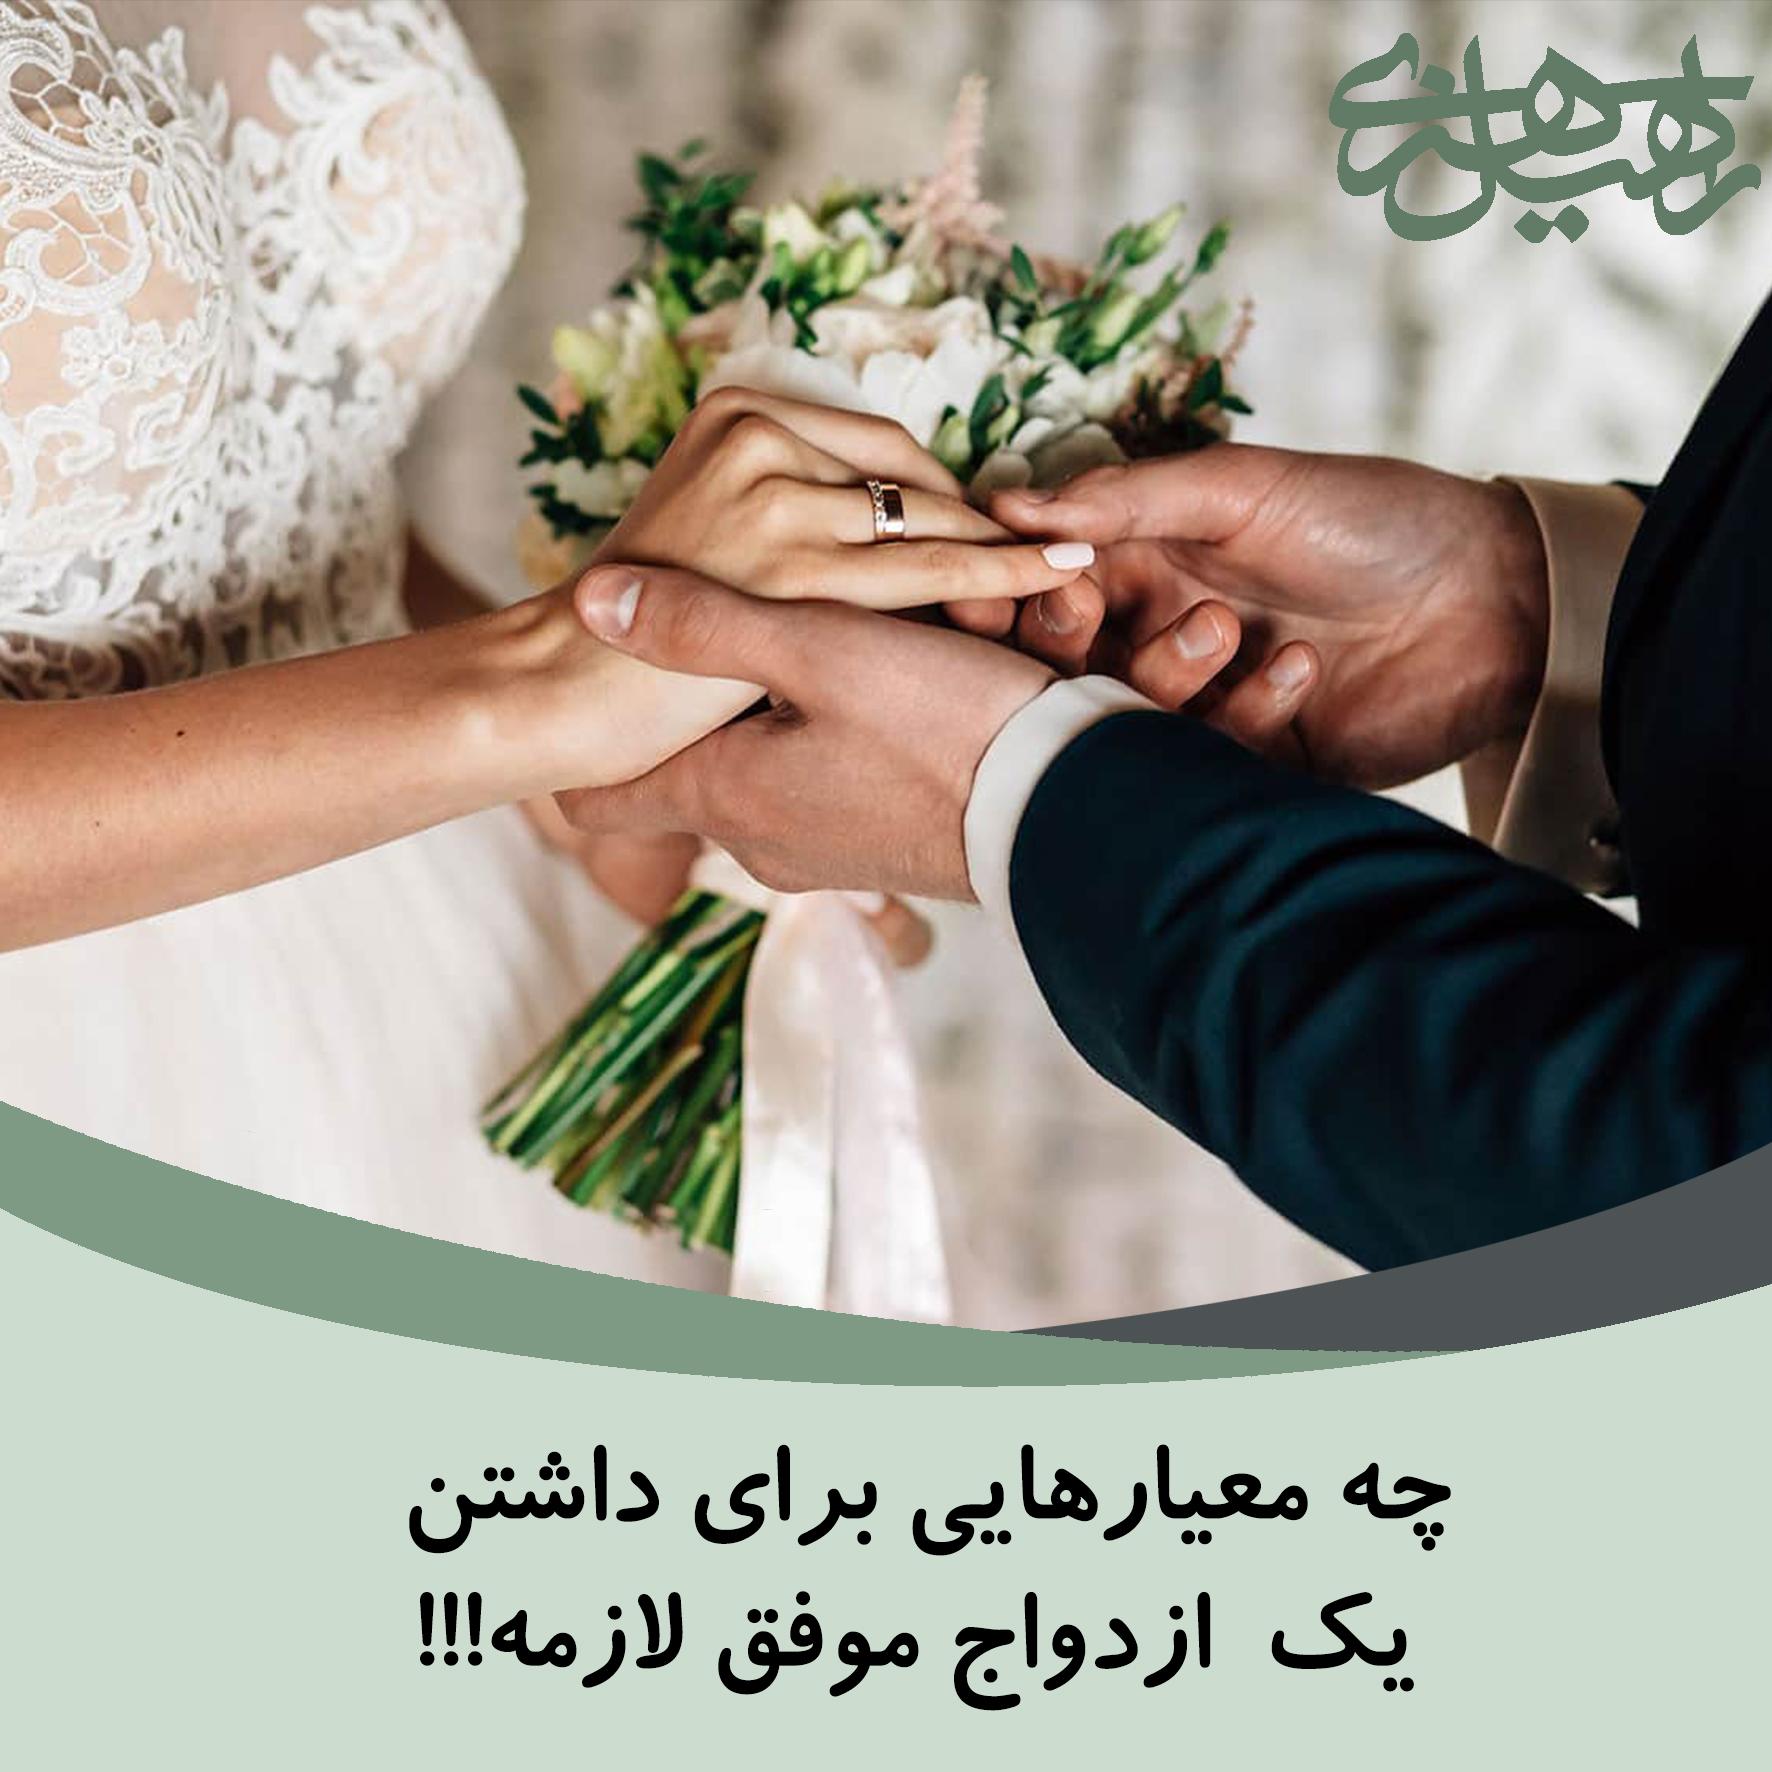 معیار های ازدواج موفق